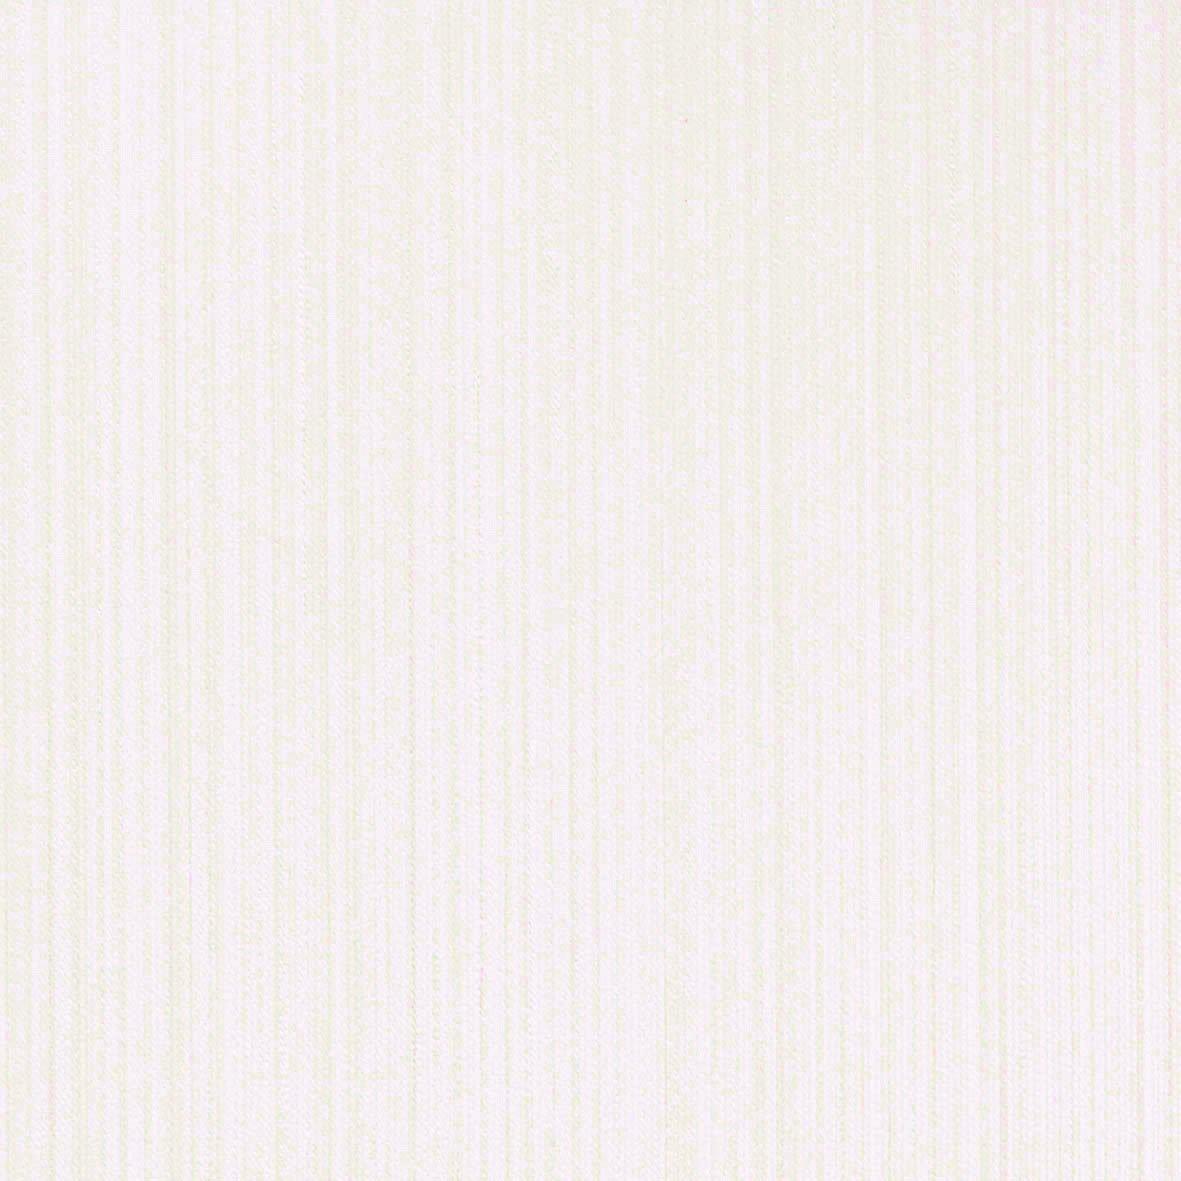 リリカラ 壁紙48m シック ストライプ ホワイト LL-8936 B01N3SDBQO 48m|ホワイト